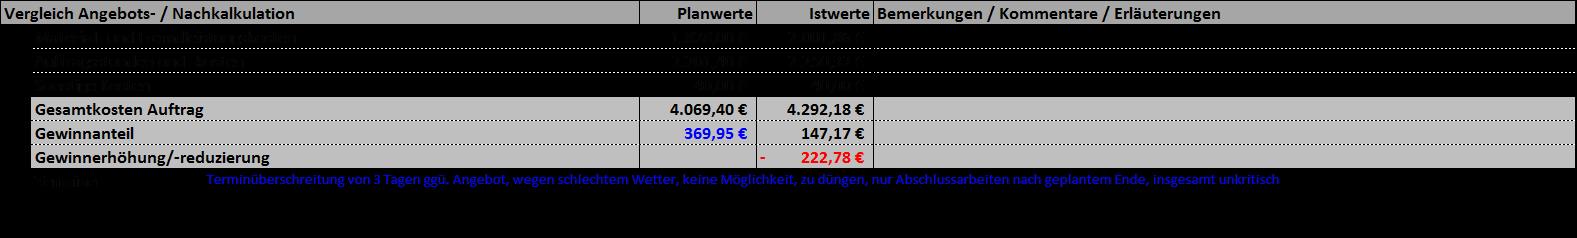 Angebotskalkulation So Finden Sie Den Richtigen Preis